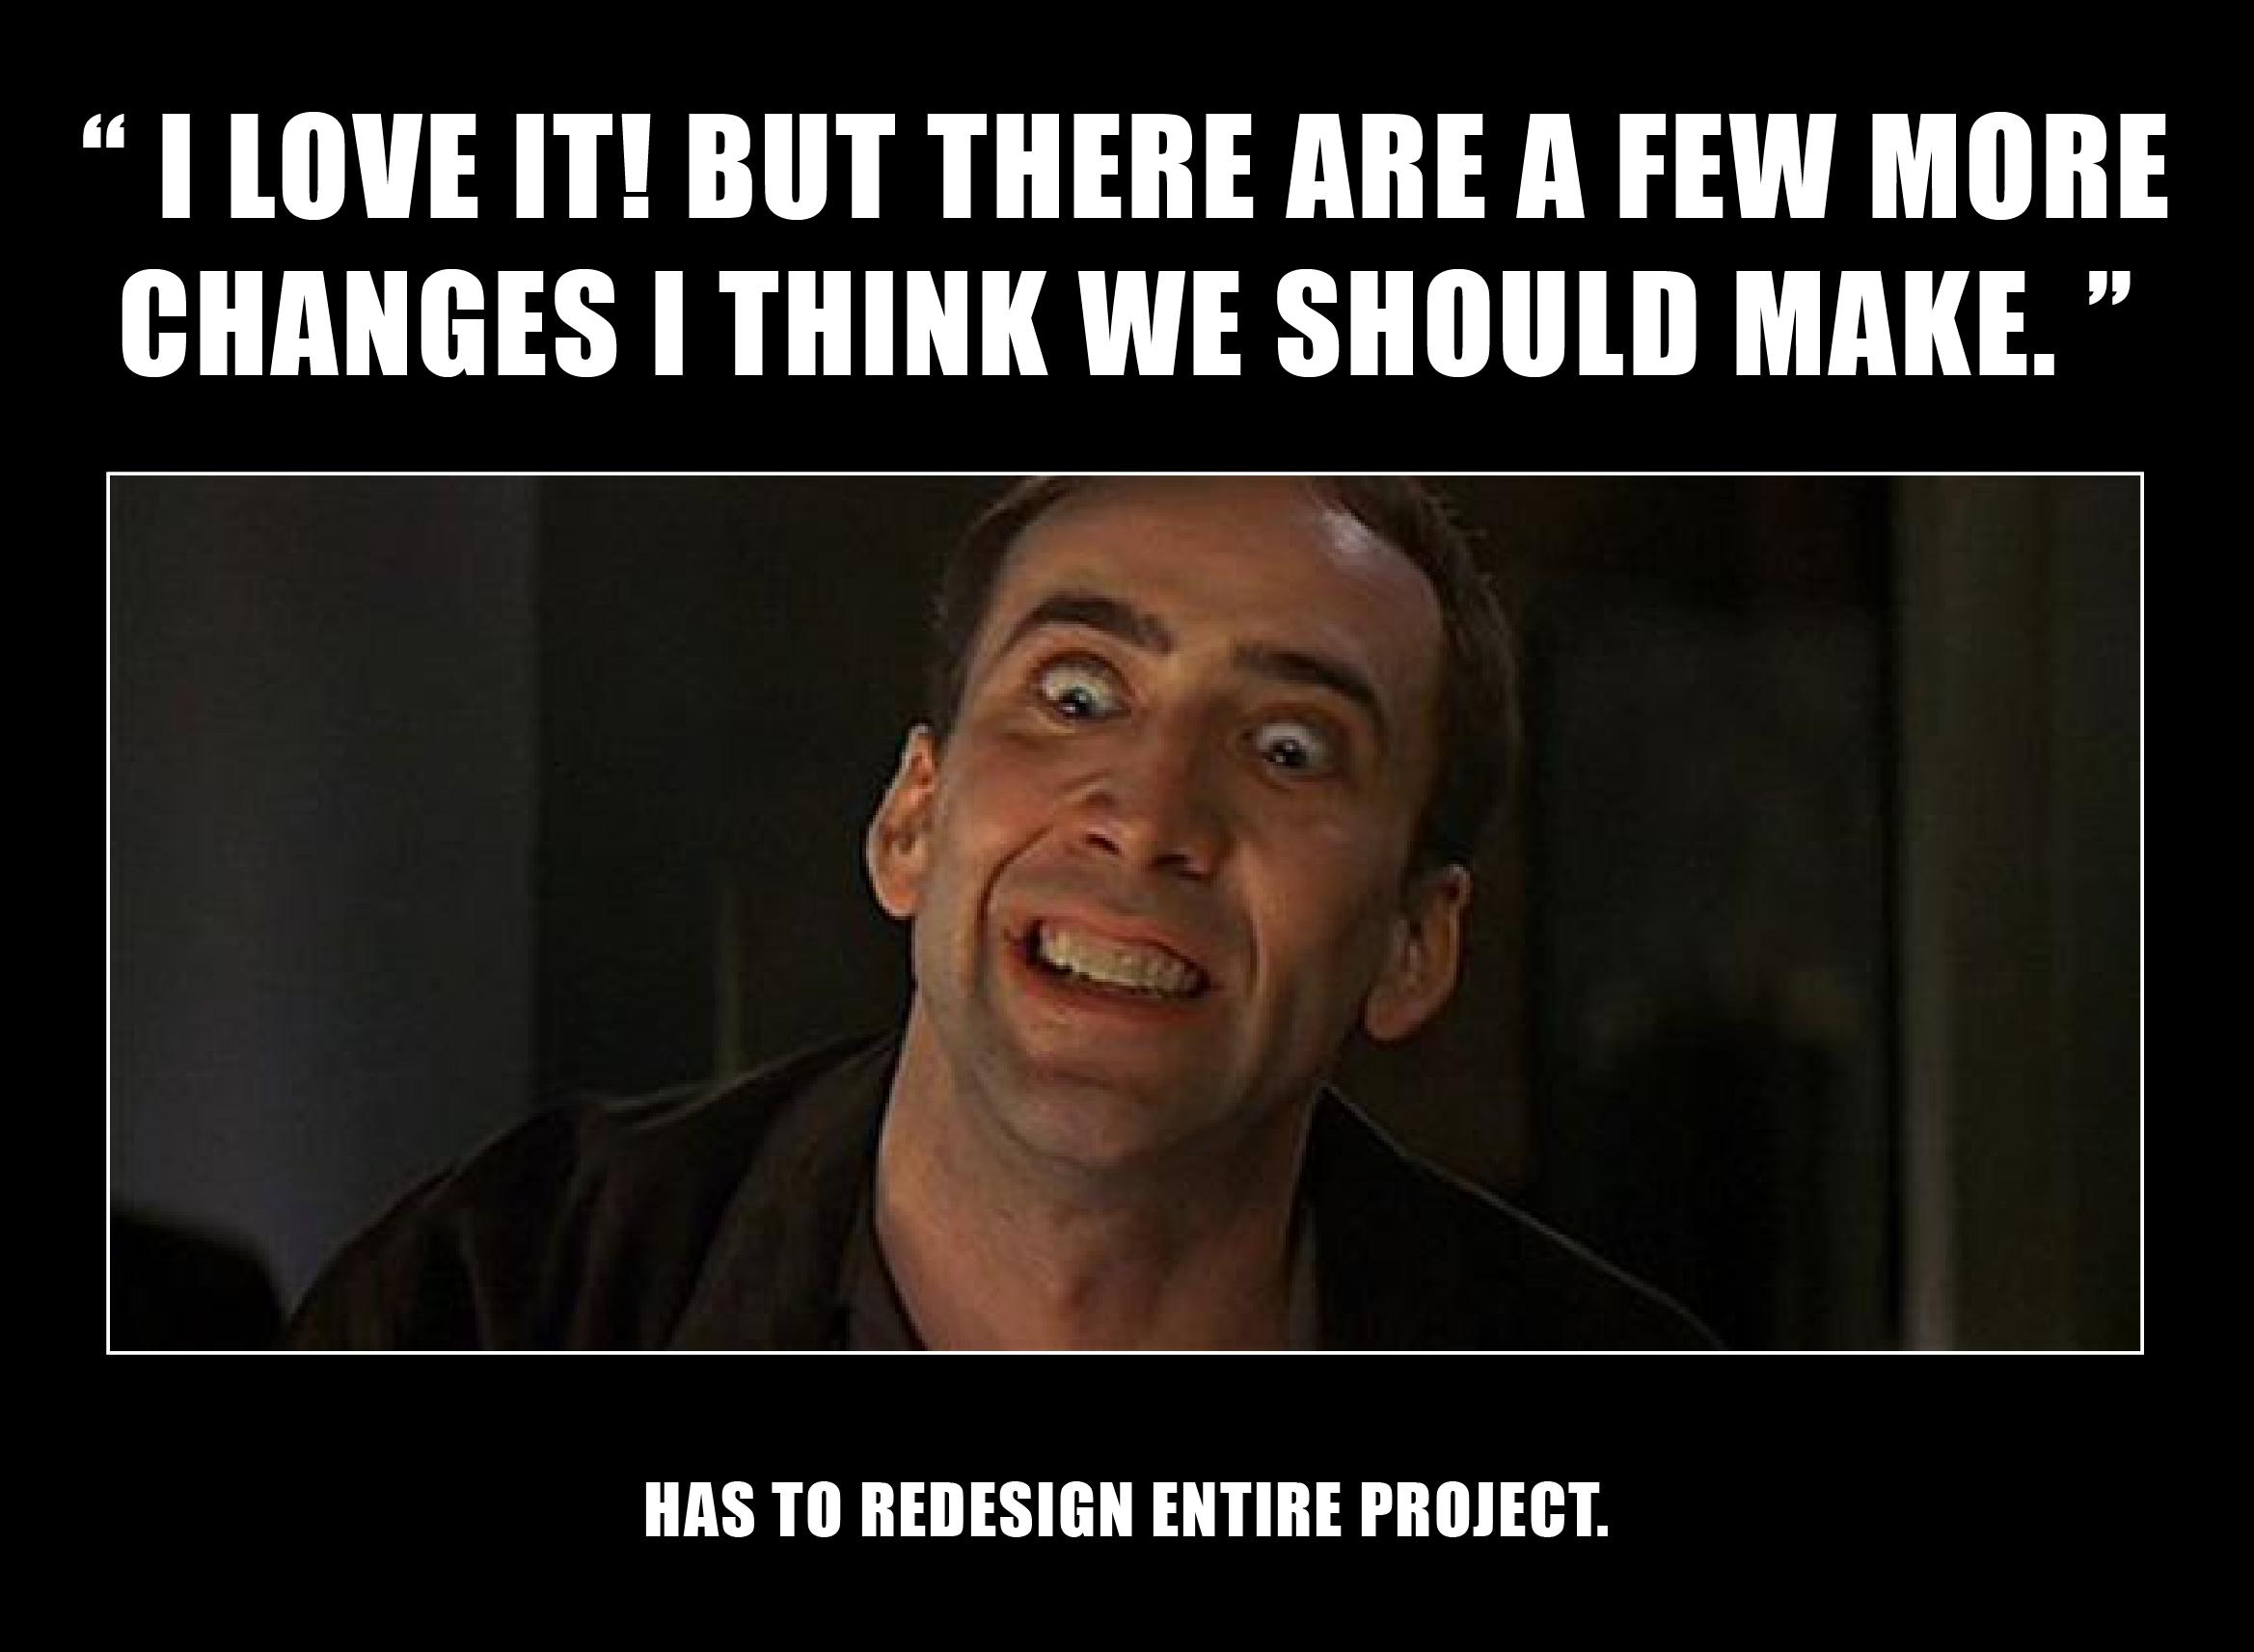 Nicholas Cage meme